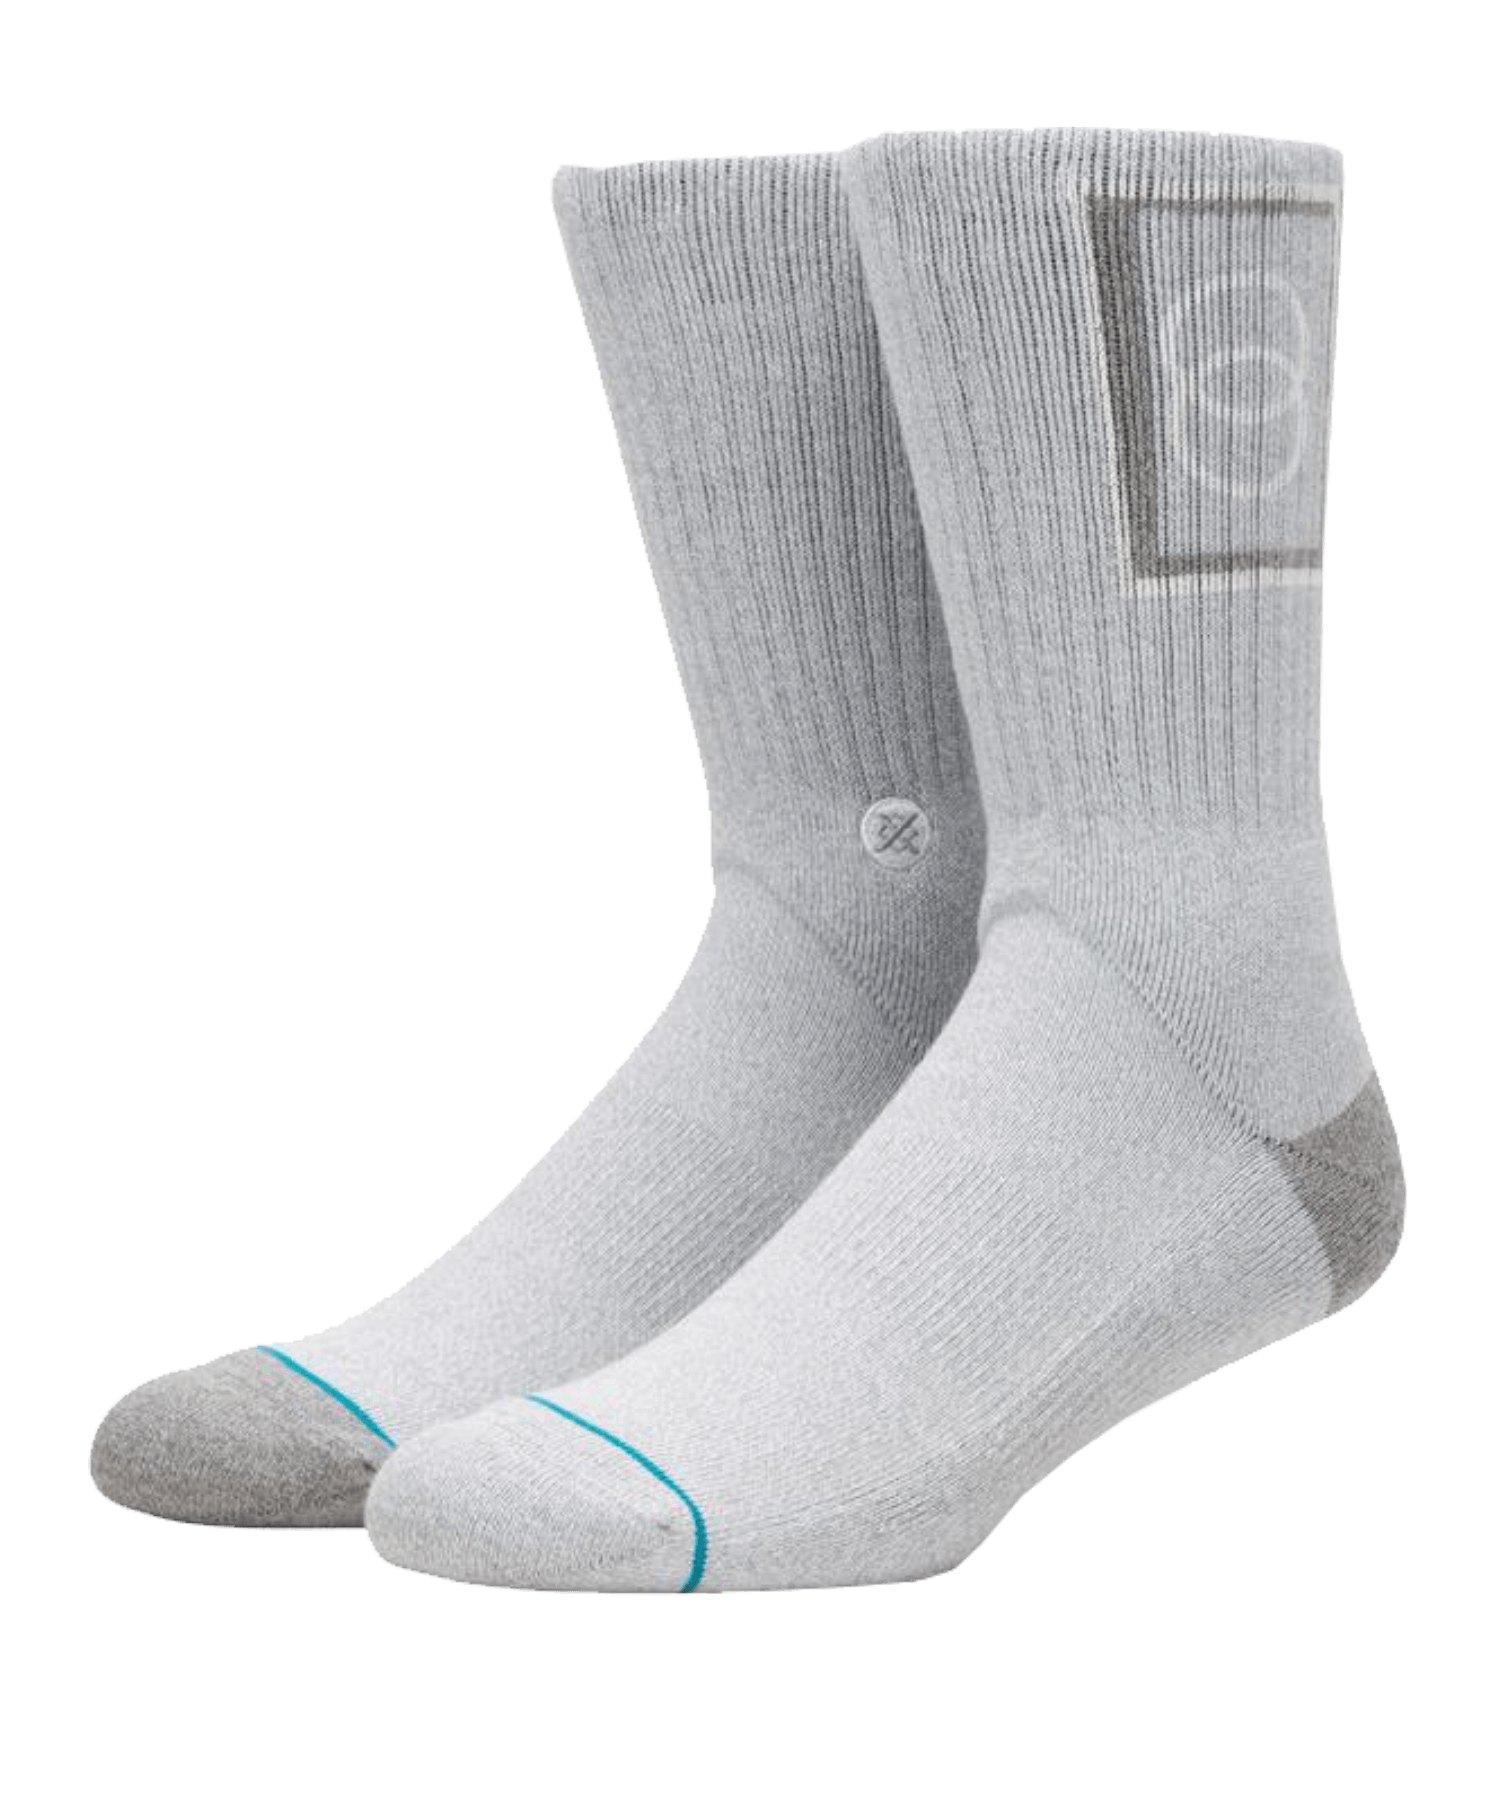 Stance Skate Citystreet Socks Socken Grau - grau